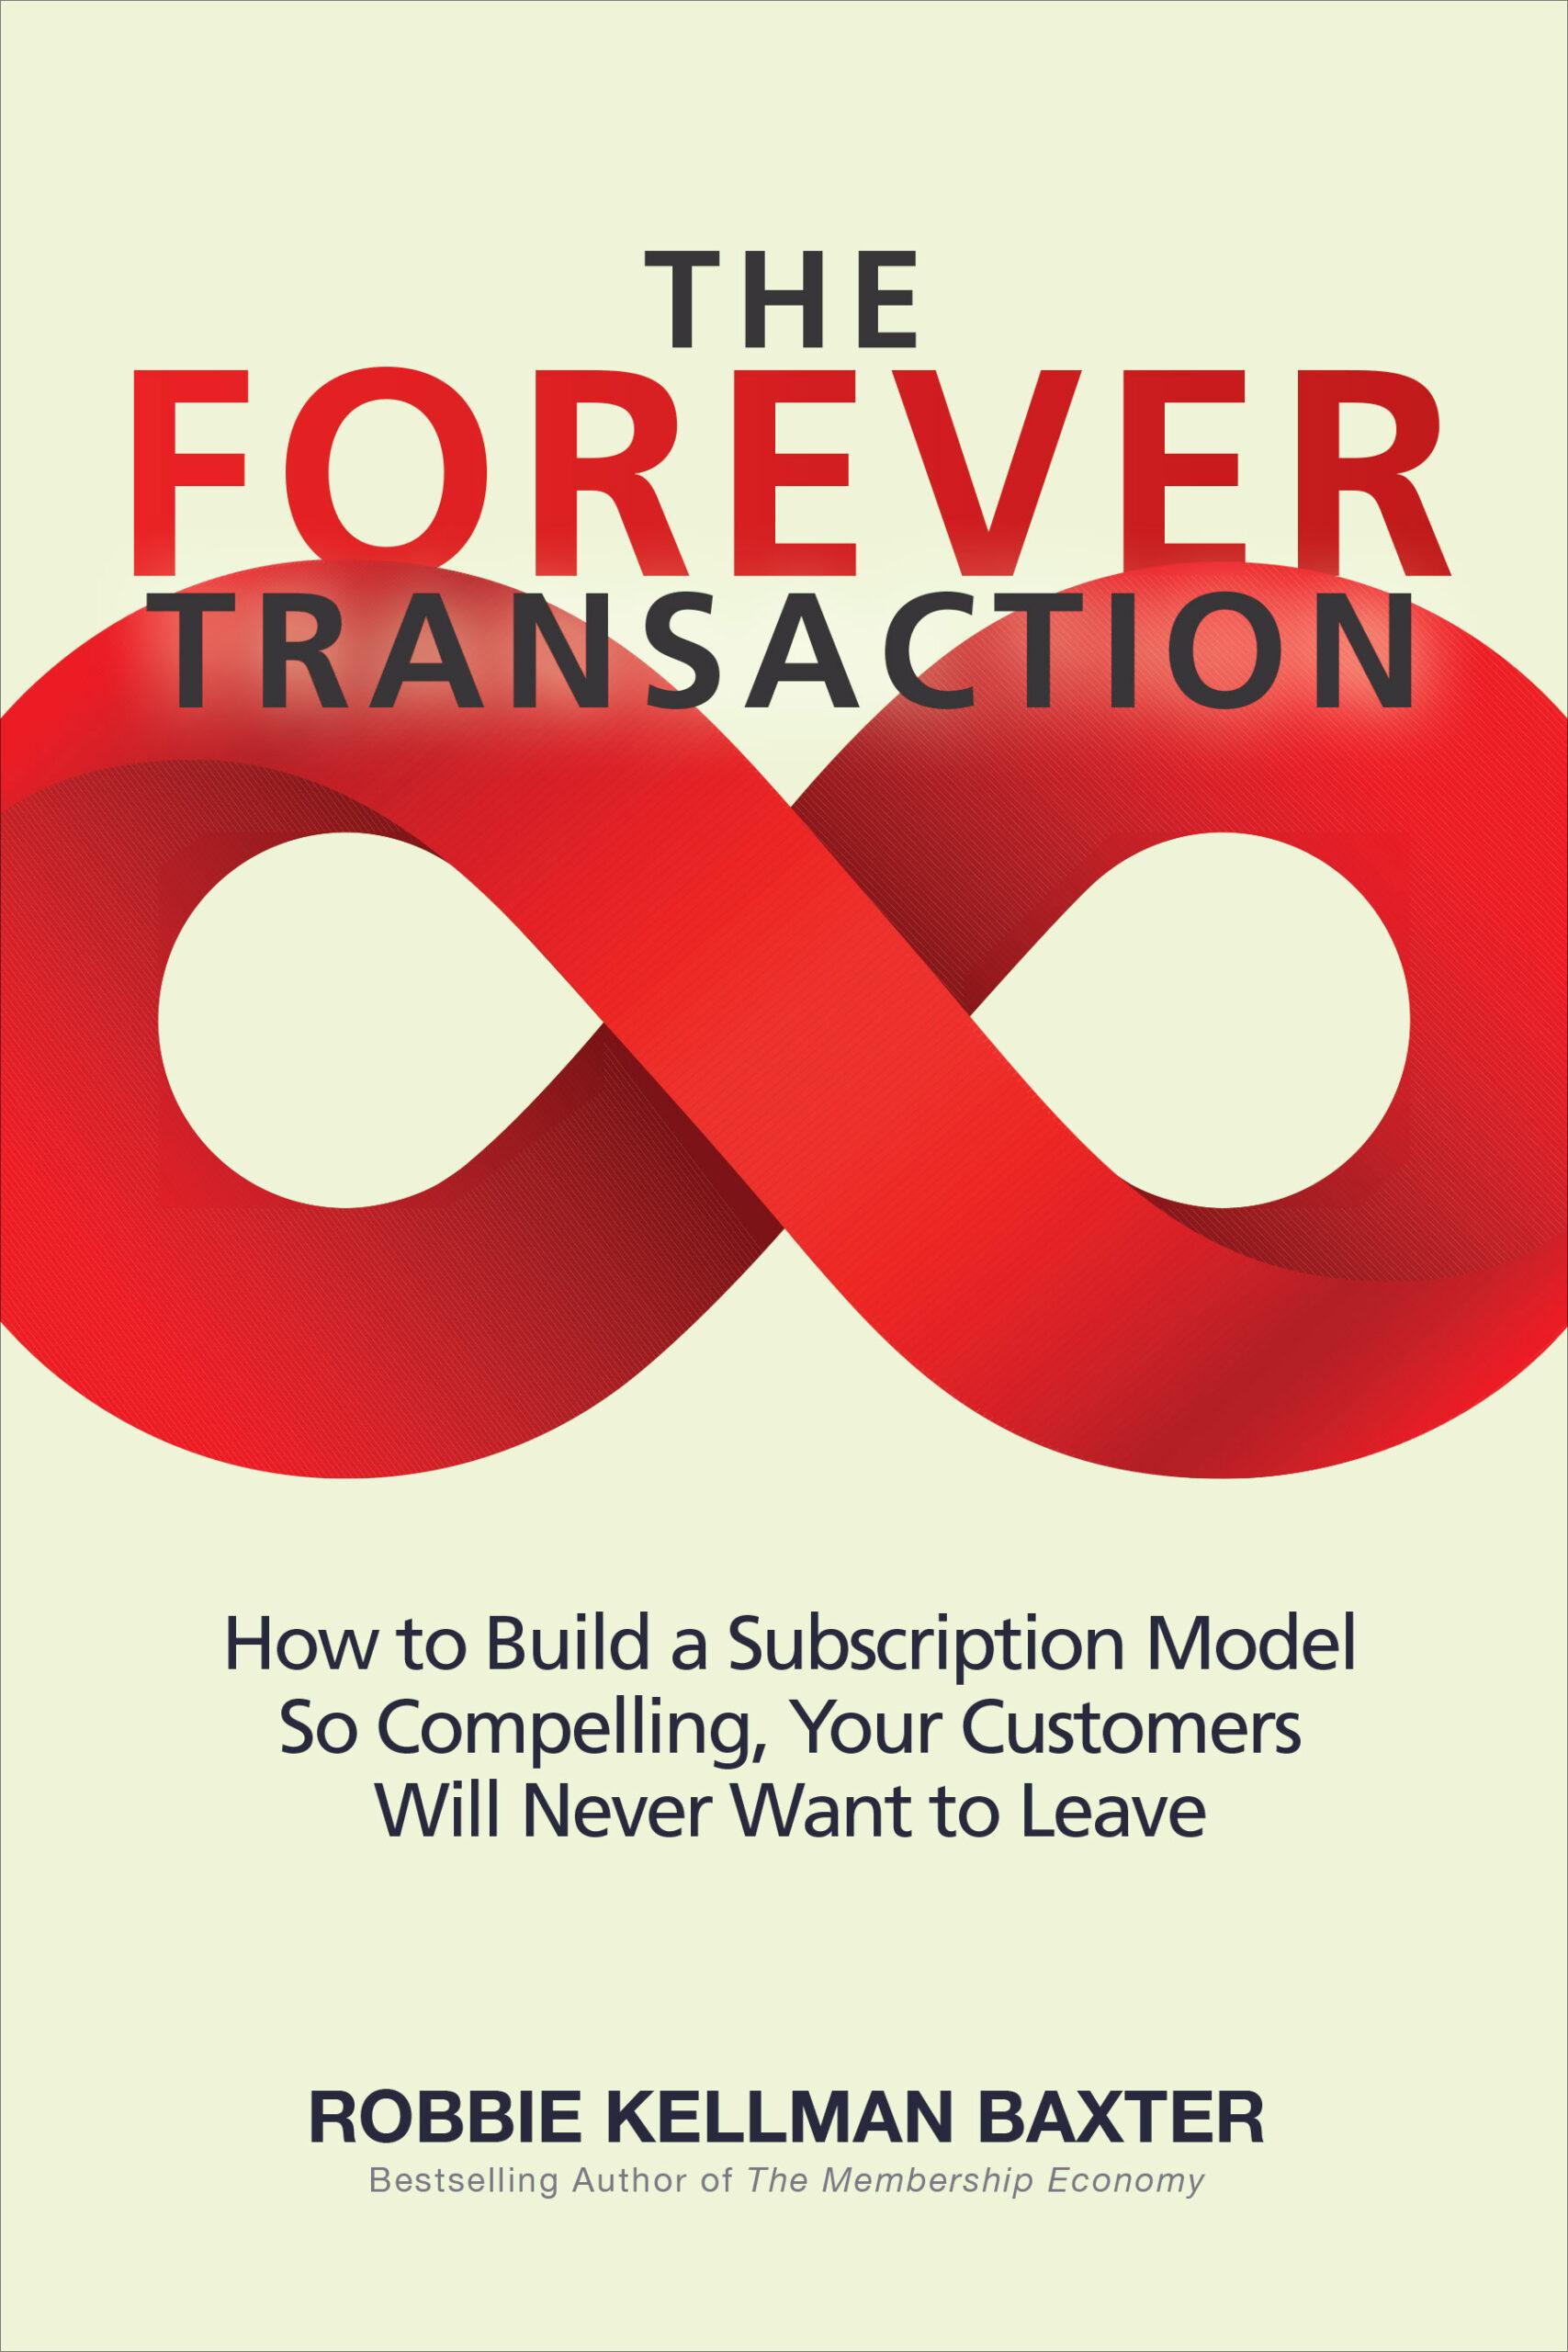 The Forever Transaction